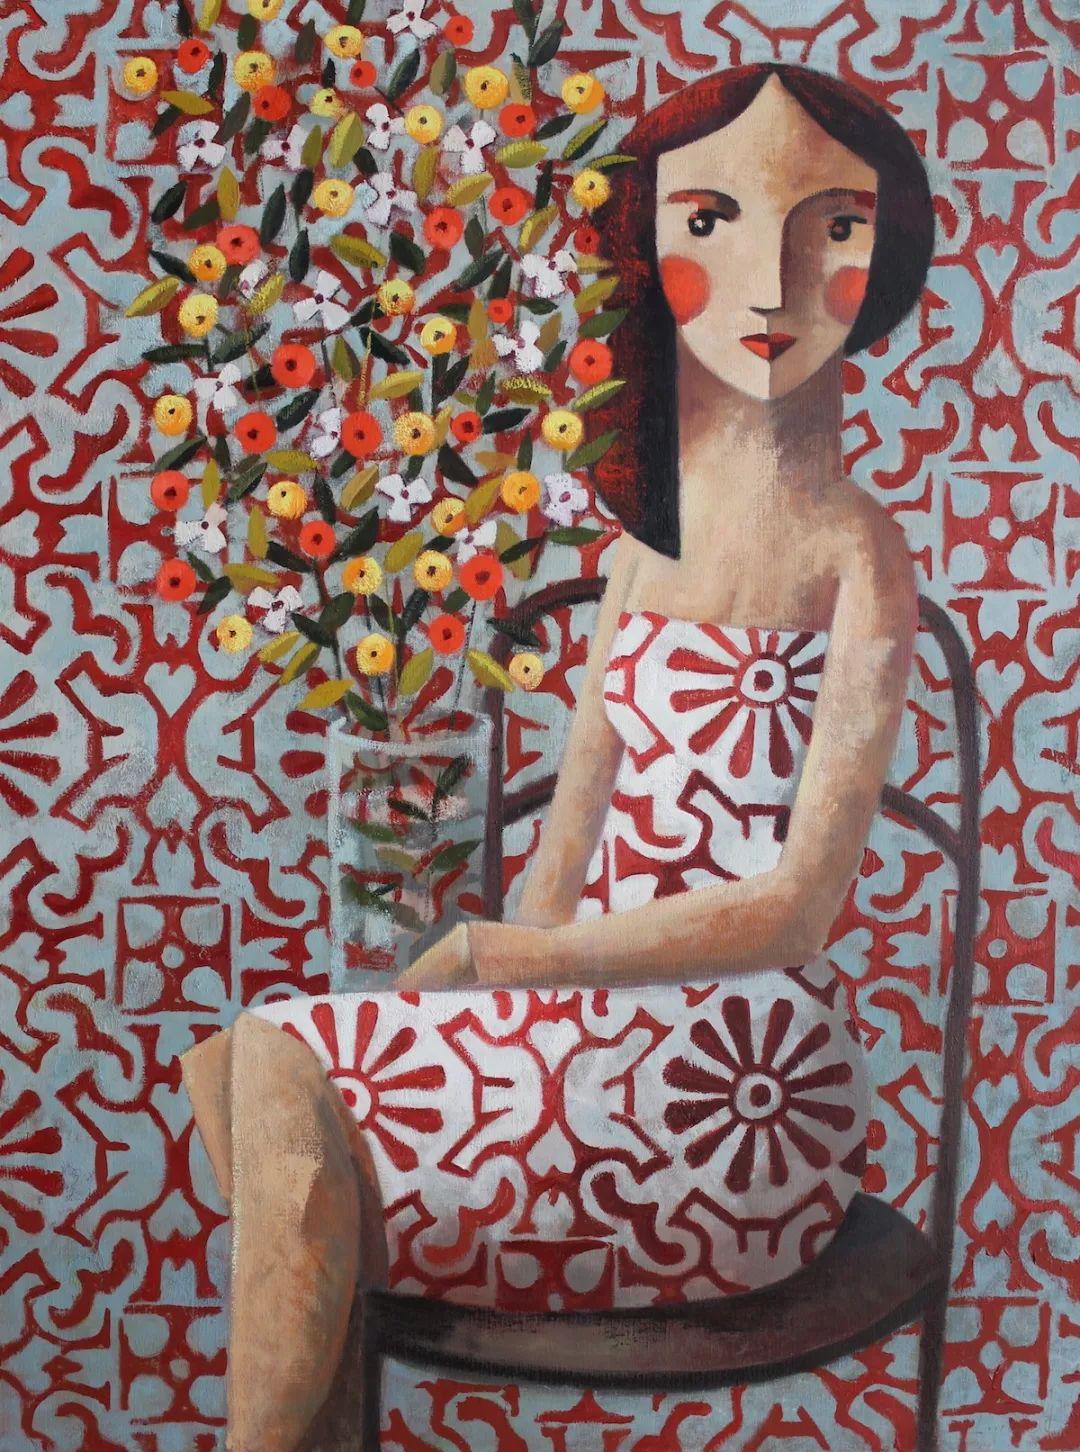 情感的表达,西班牙画家Didier Lourenço插图20